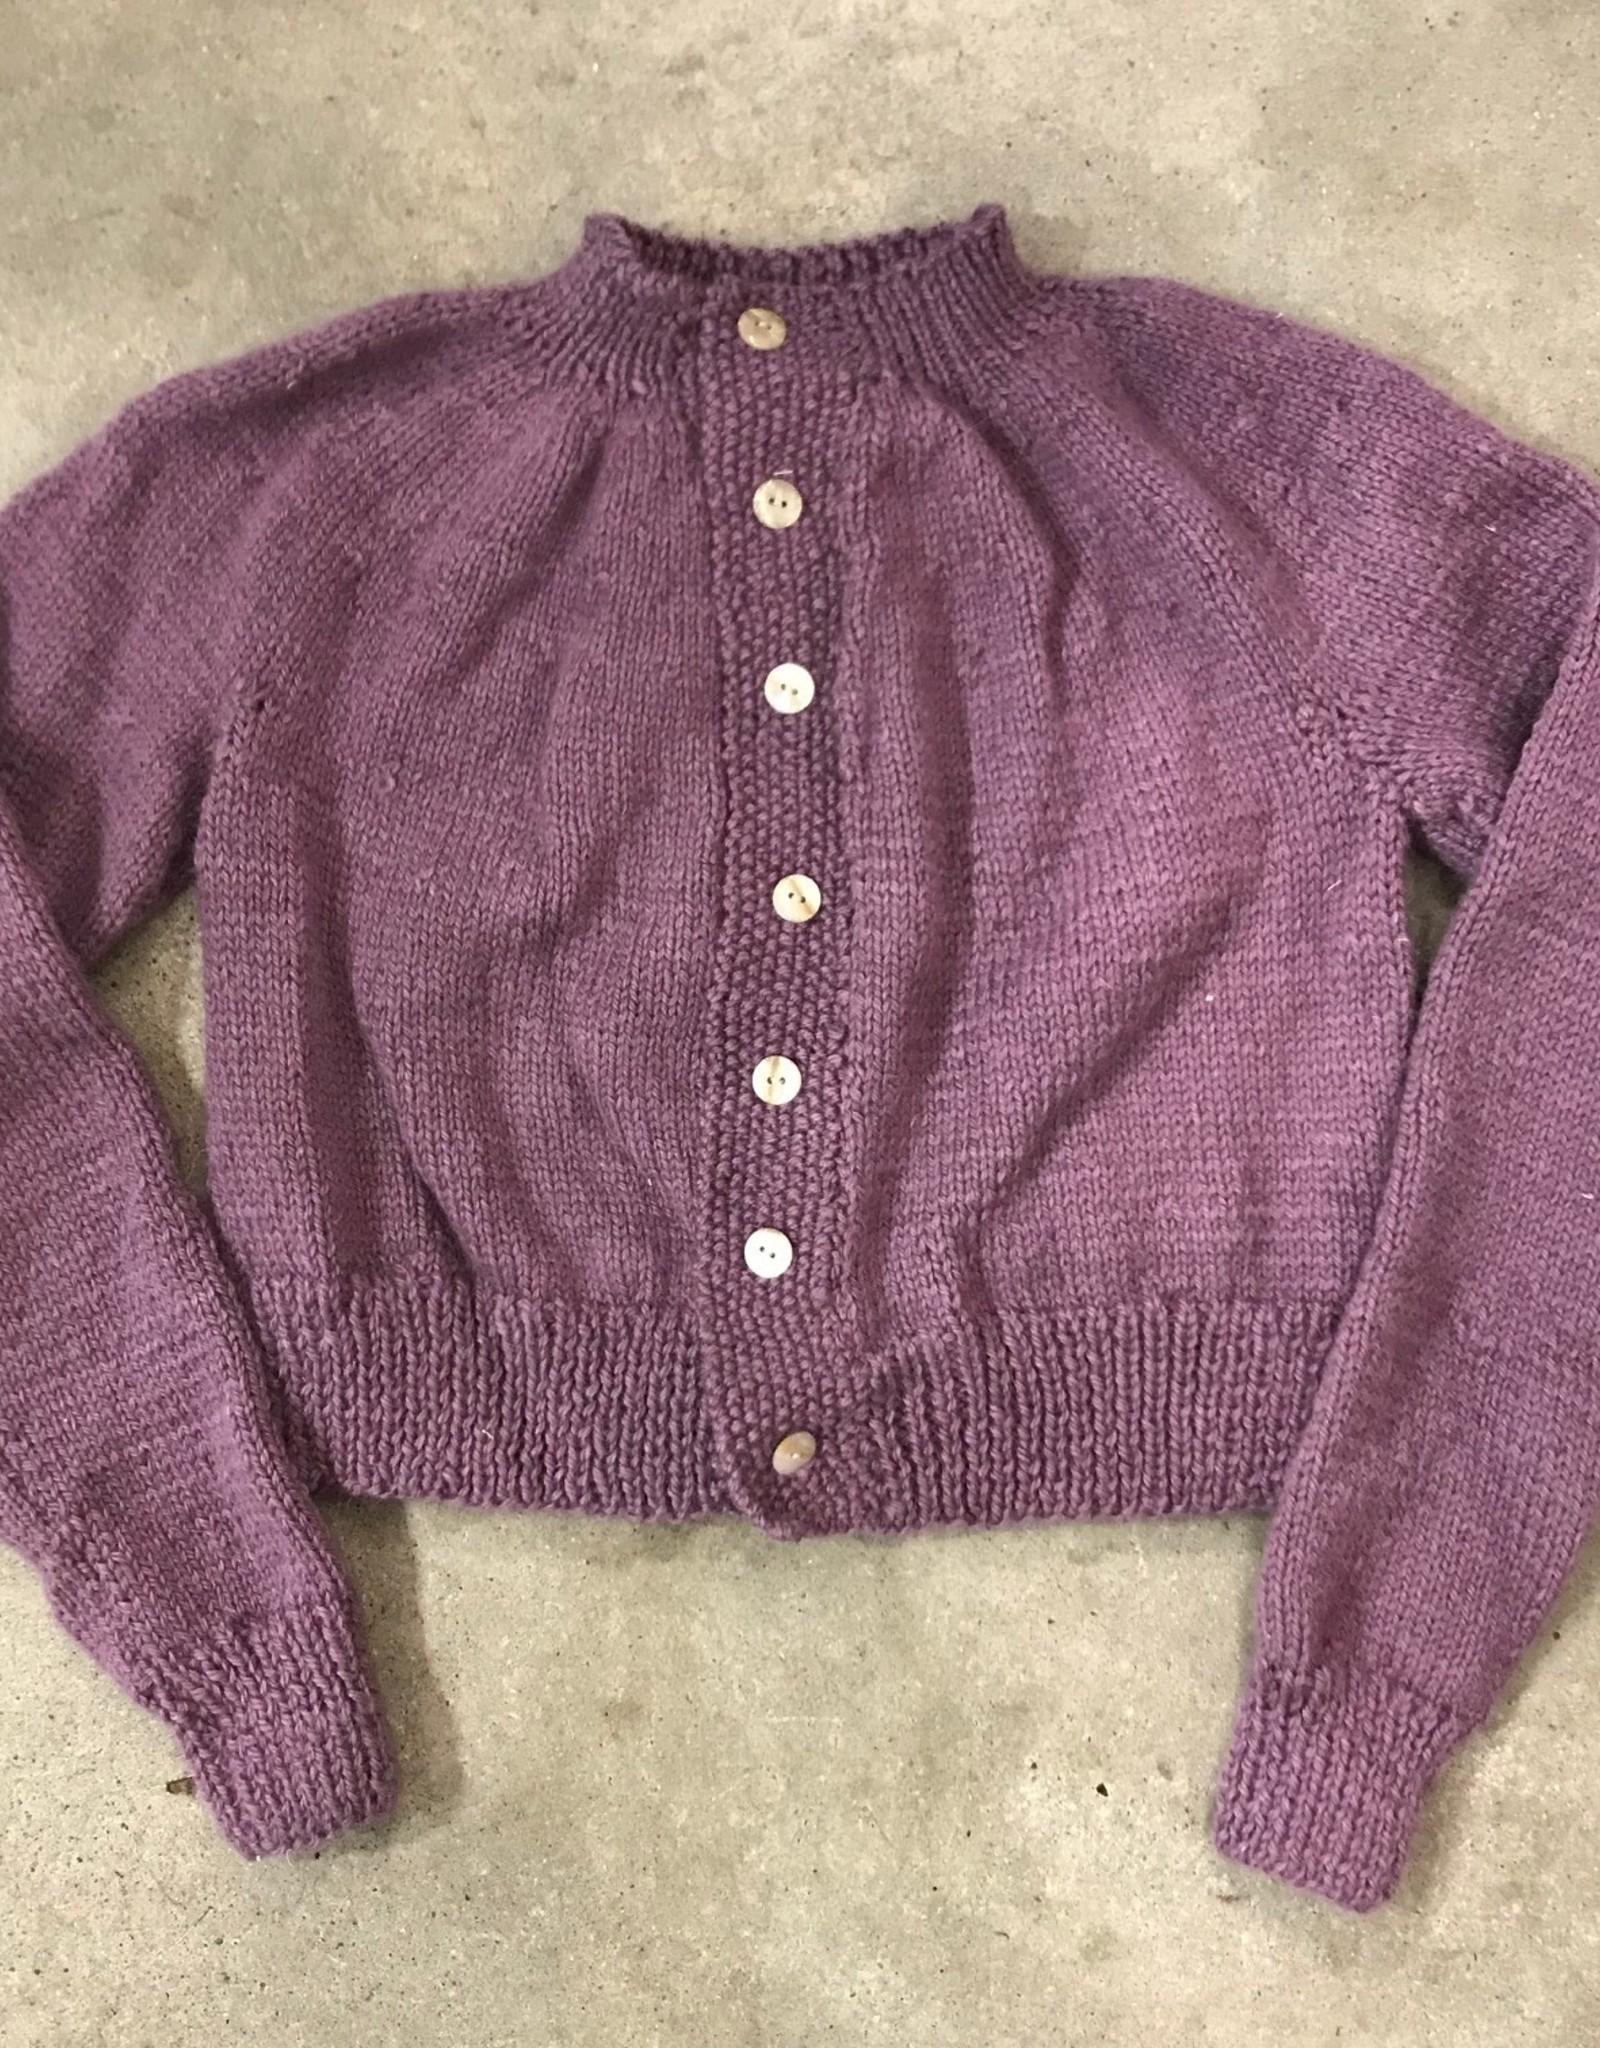 Devil May Wear Jocelyn Cardigan Small, Flint, 84% Baby Alpaca, 16% Cashmere